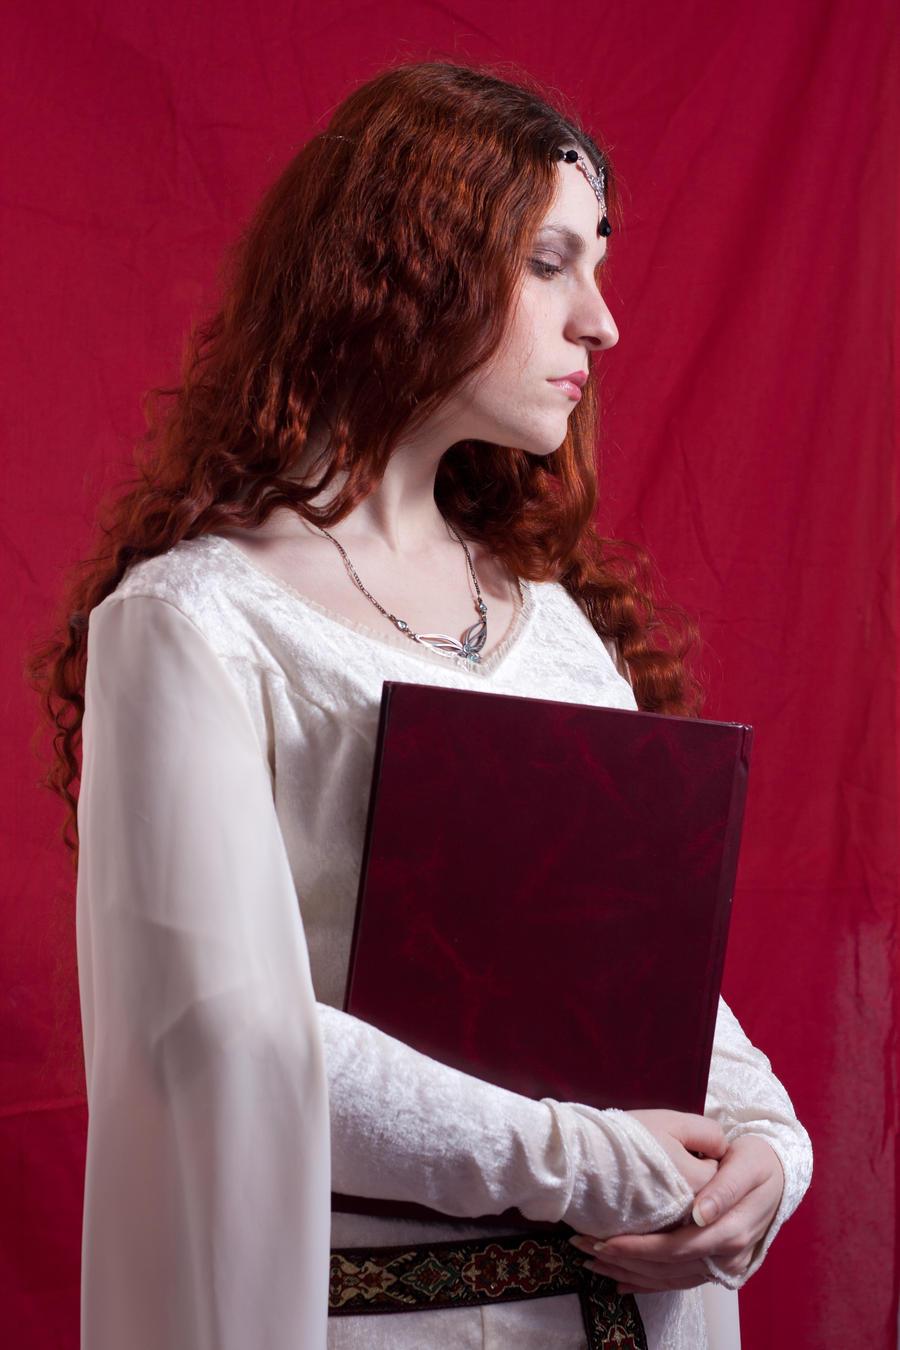 Fantasy Stock IX with book by DanielleFioreModel